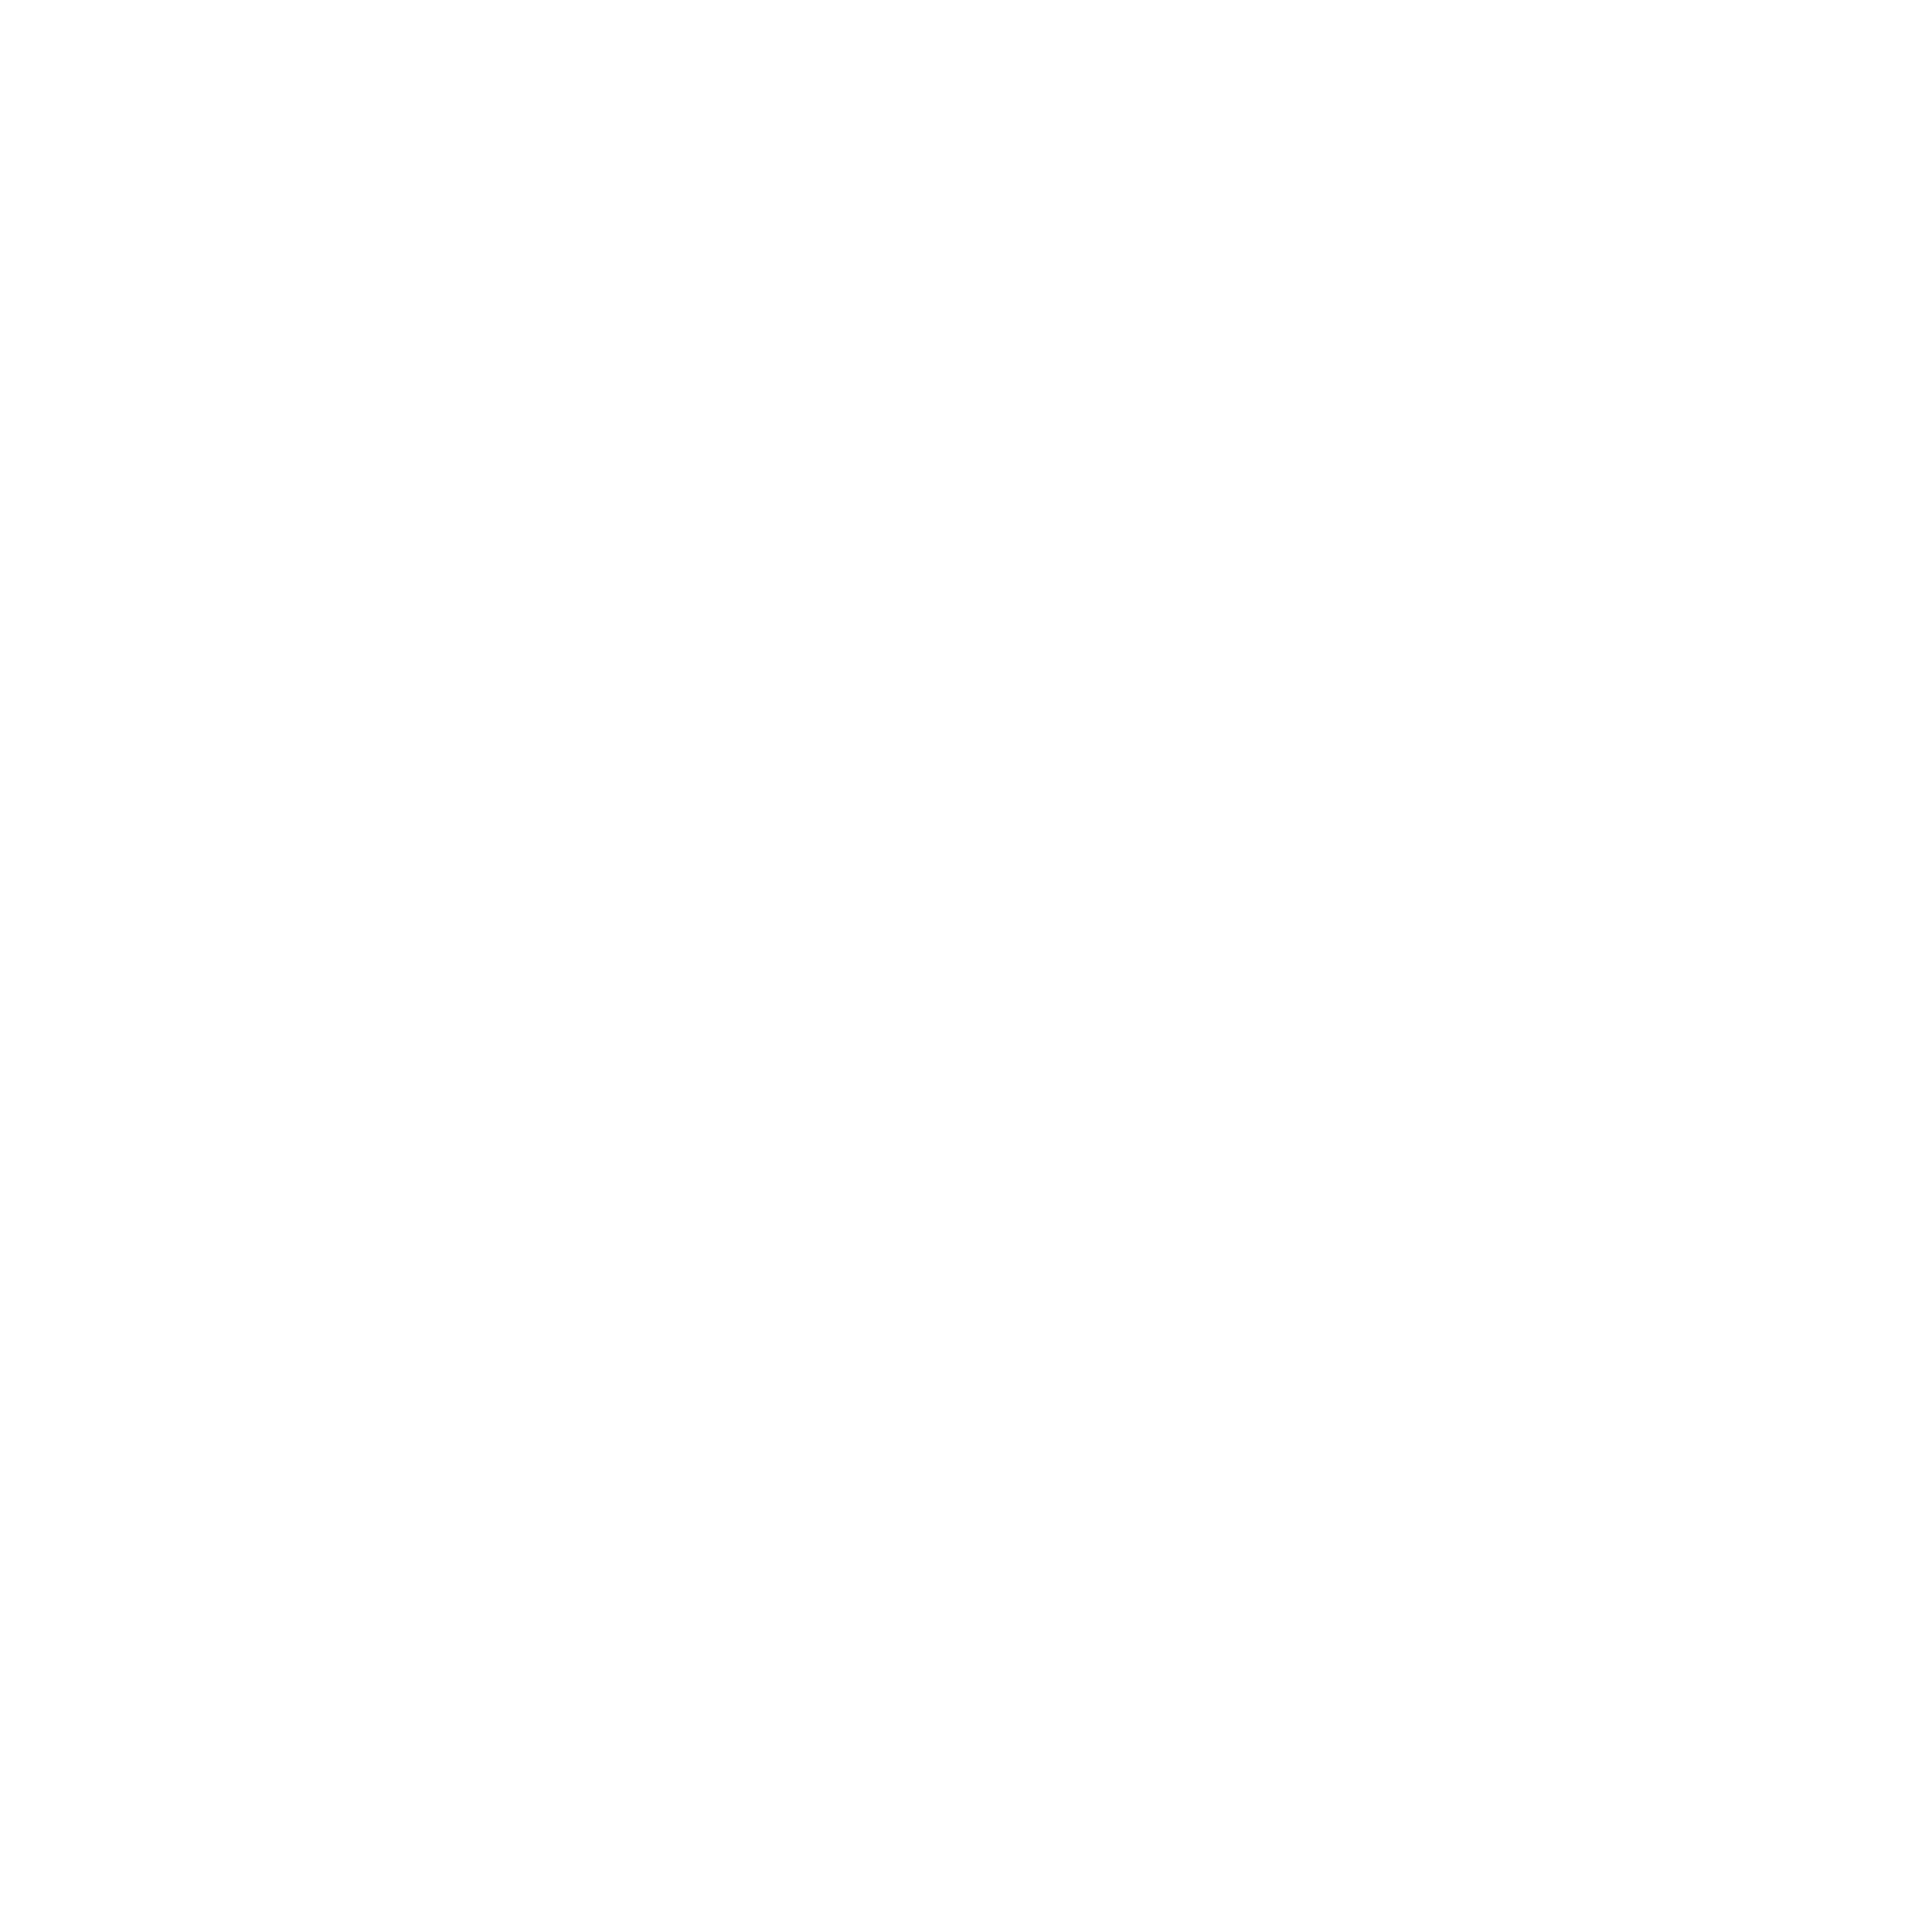 ACOMUDARTE